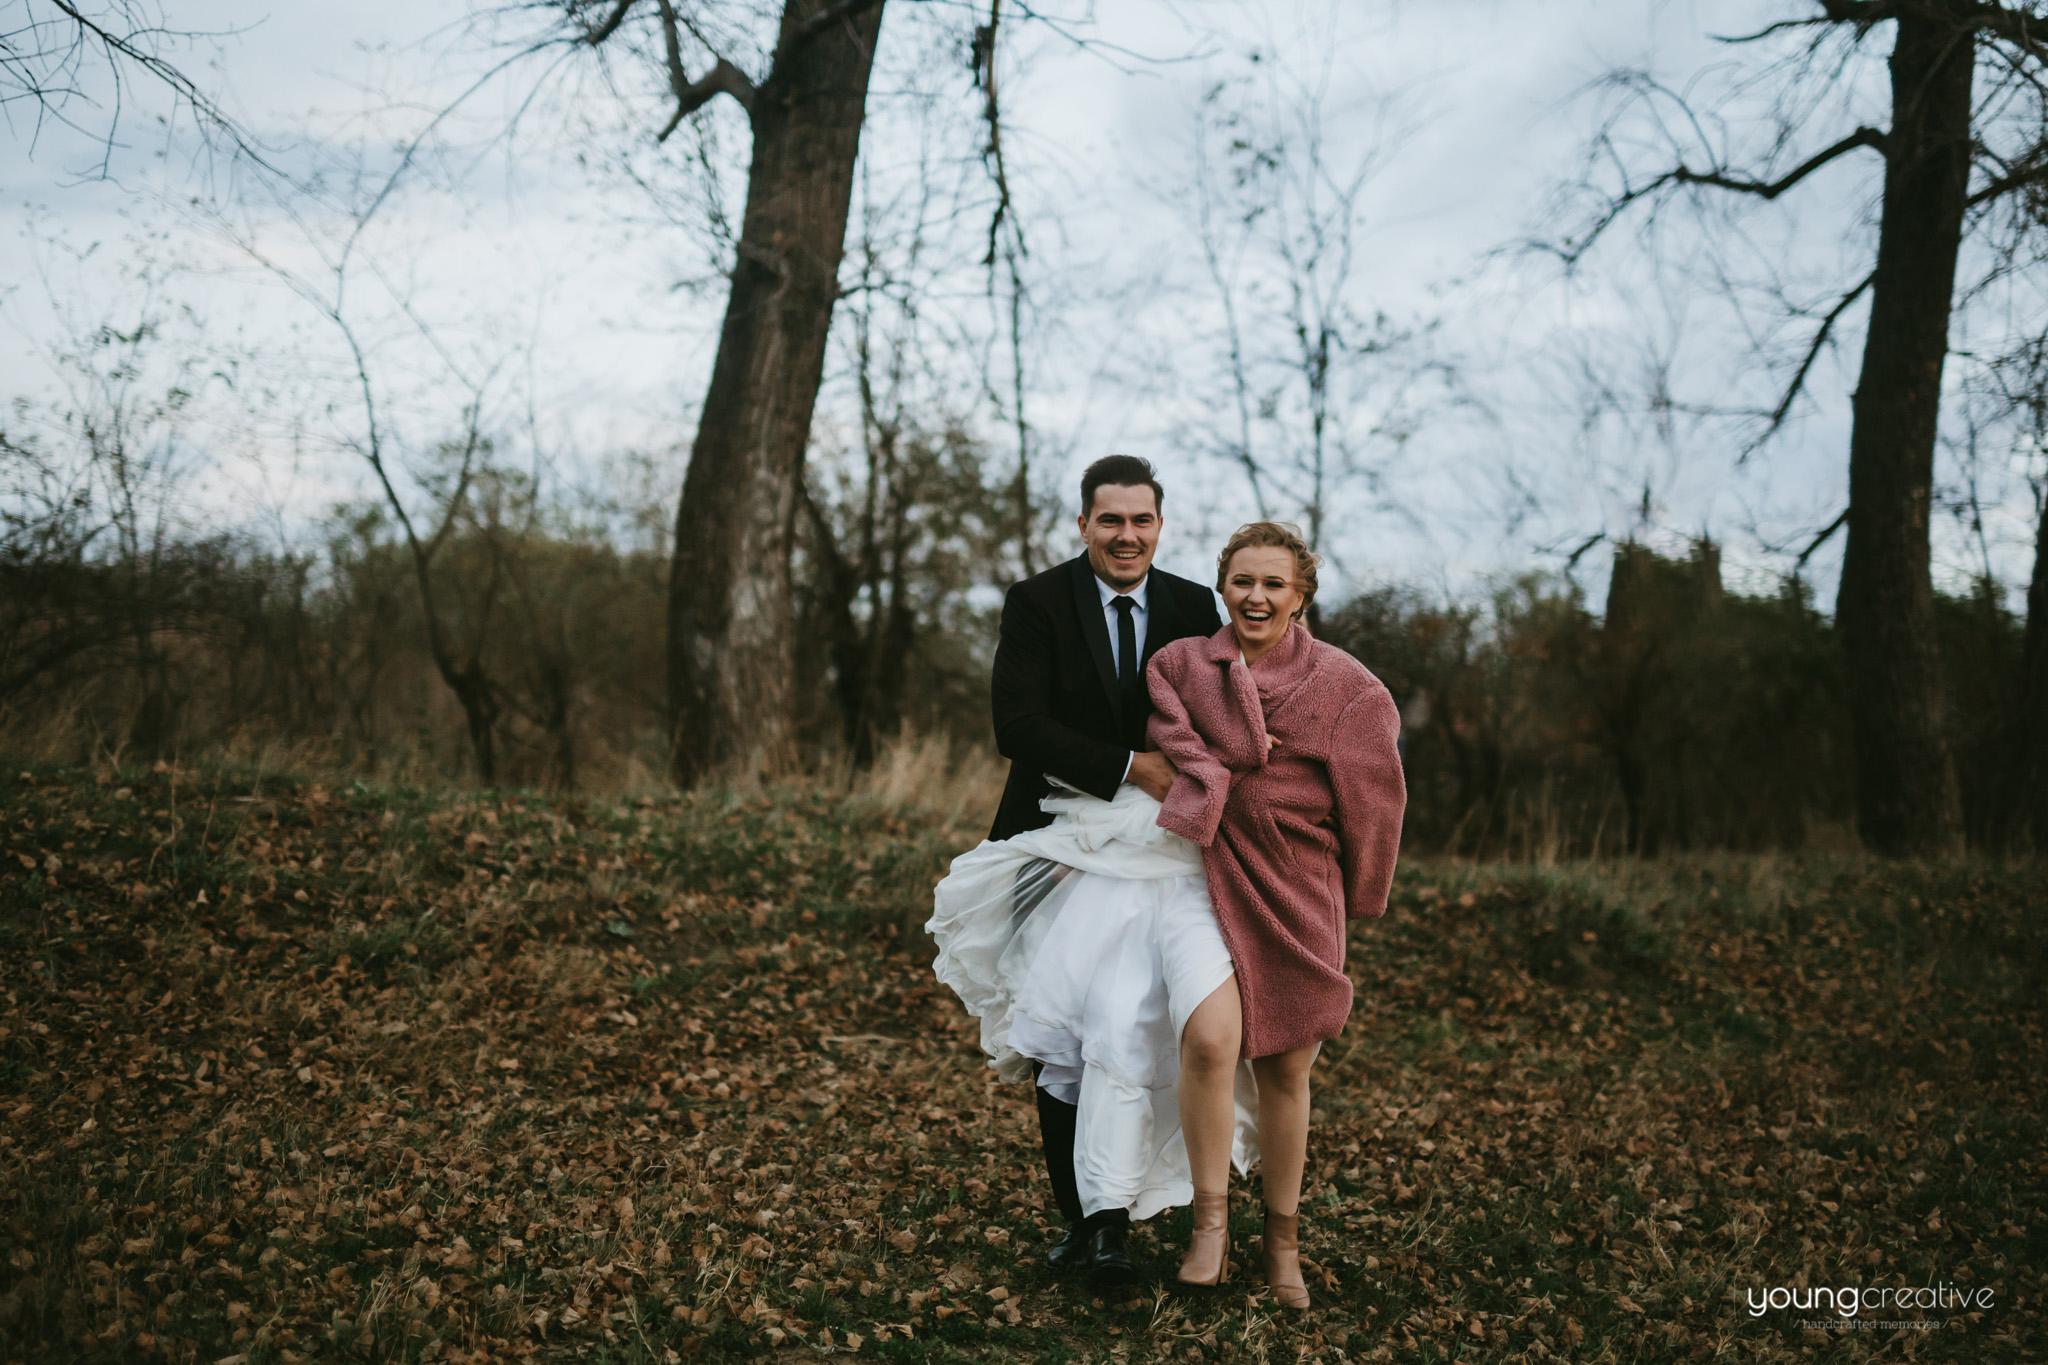 Nunta ta, regulile tale, acum mai mult ca niciodată | Elopement wedding | youngcreative.info